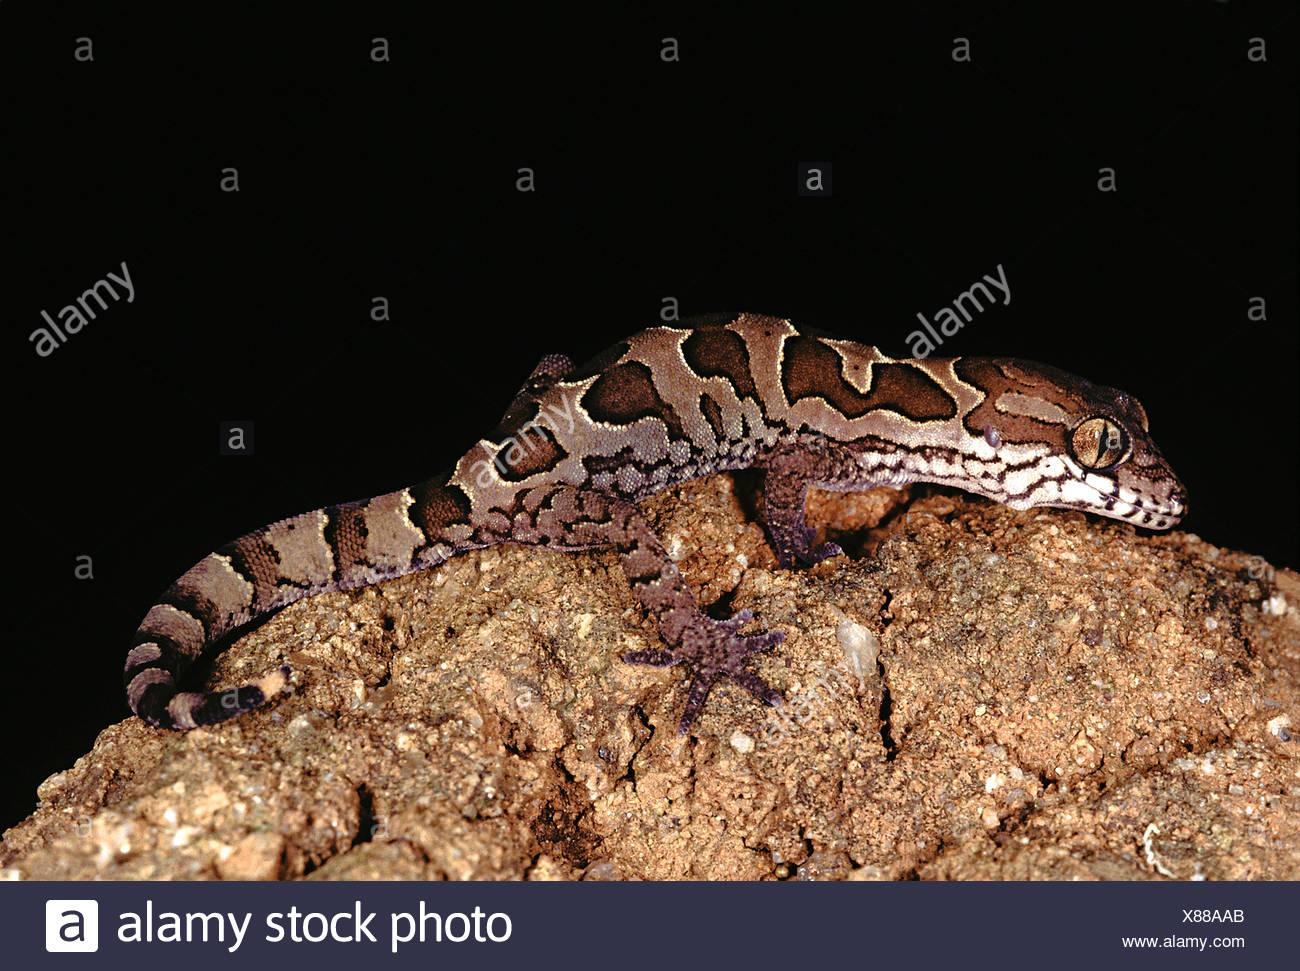 Getrübt Boden Gecko. geckoella Nebulosa. Ein Boden Wohnung Gecko in Indien gefunden. Stockfoto